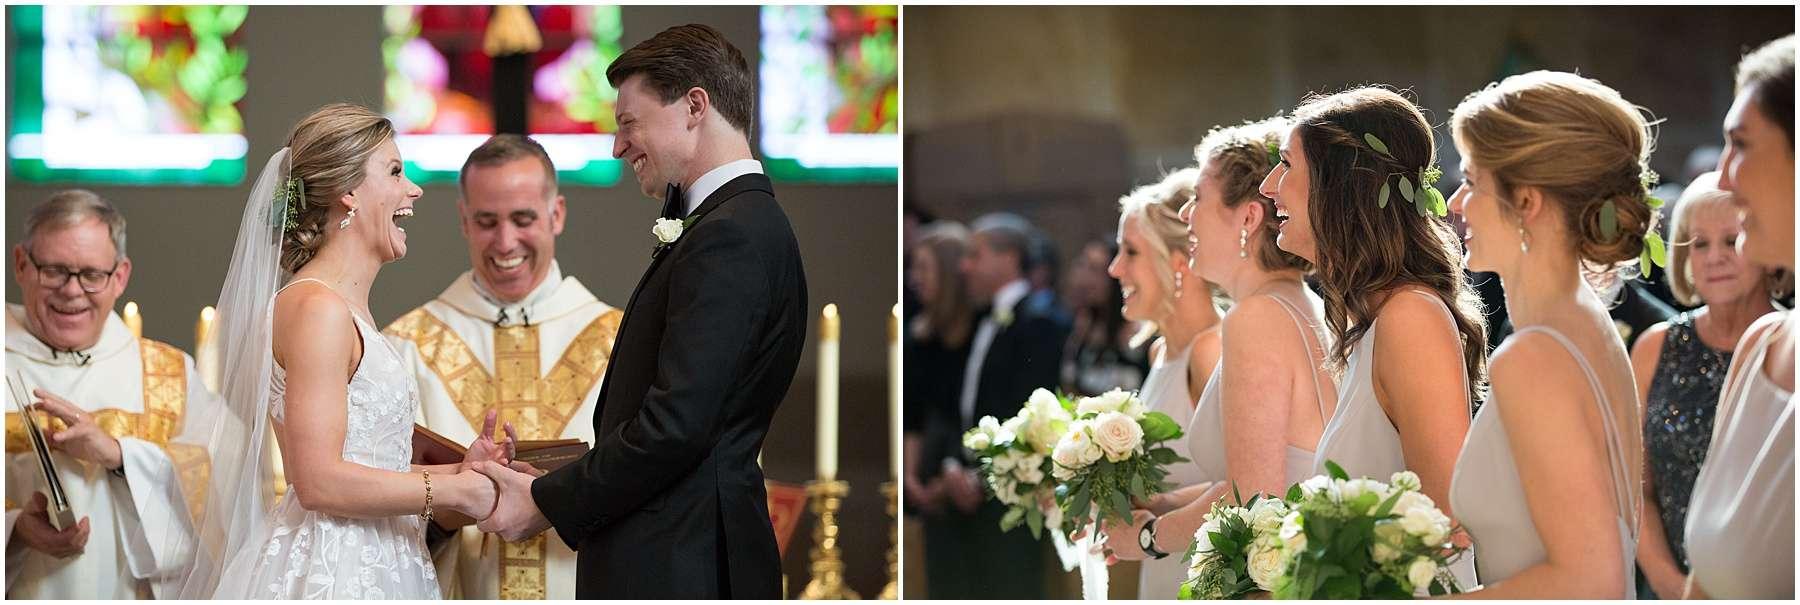 Wedding at the Ohio Statehouse | Columbus Ohio Weddings 110